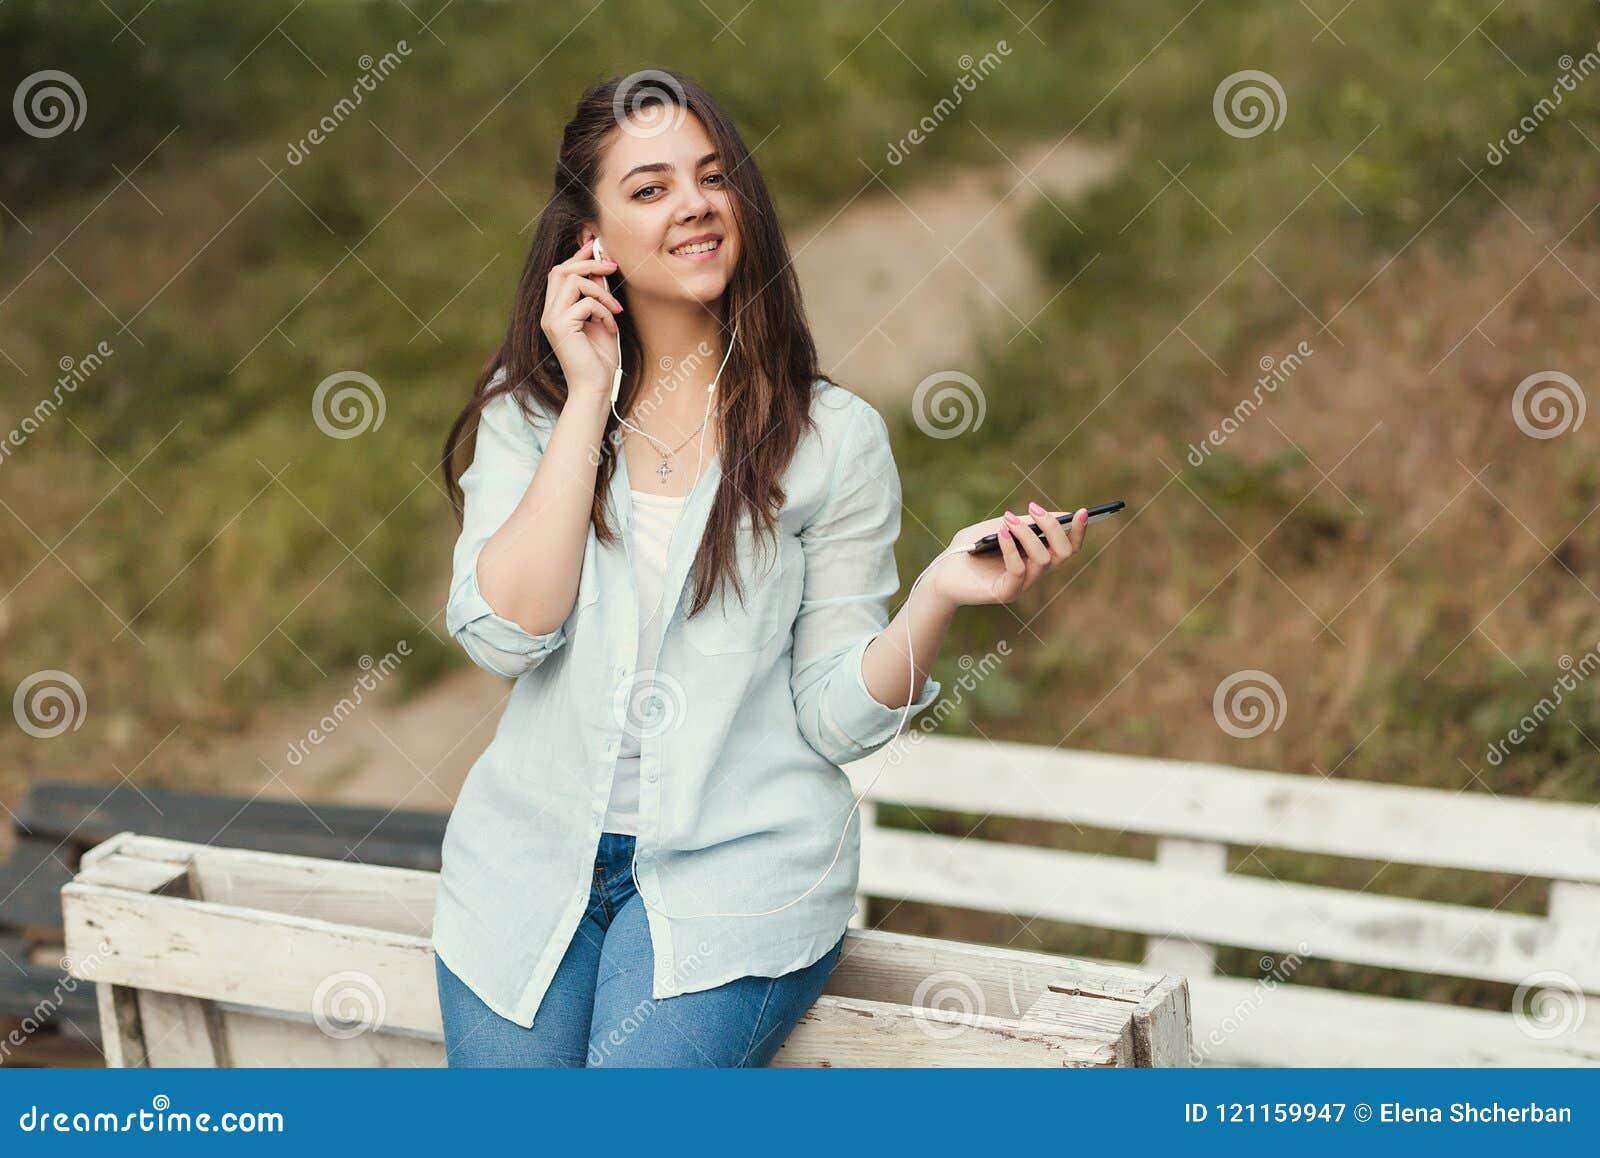 Ritratto dello studente universitario femminile Outdoors On Campus